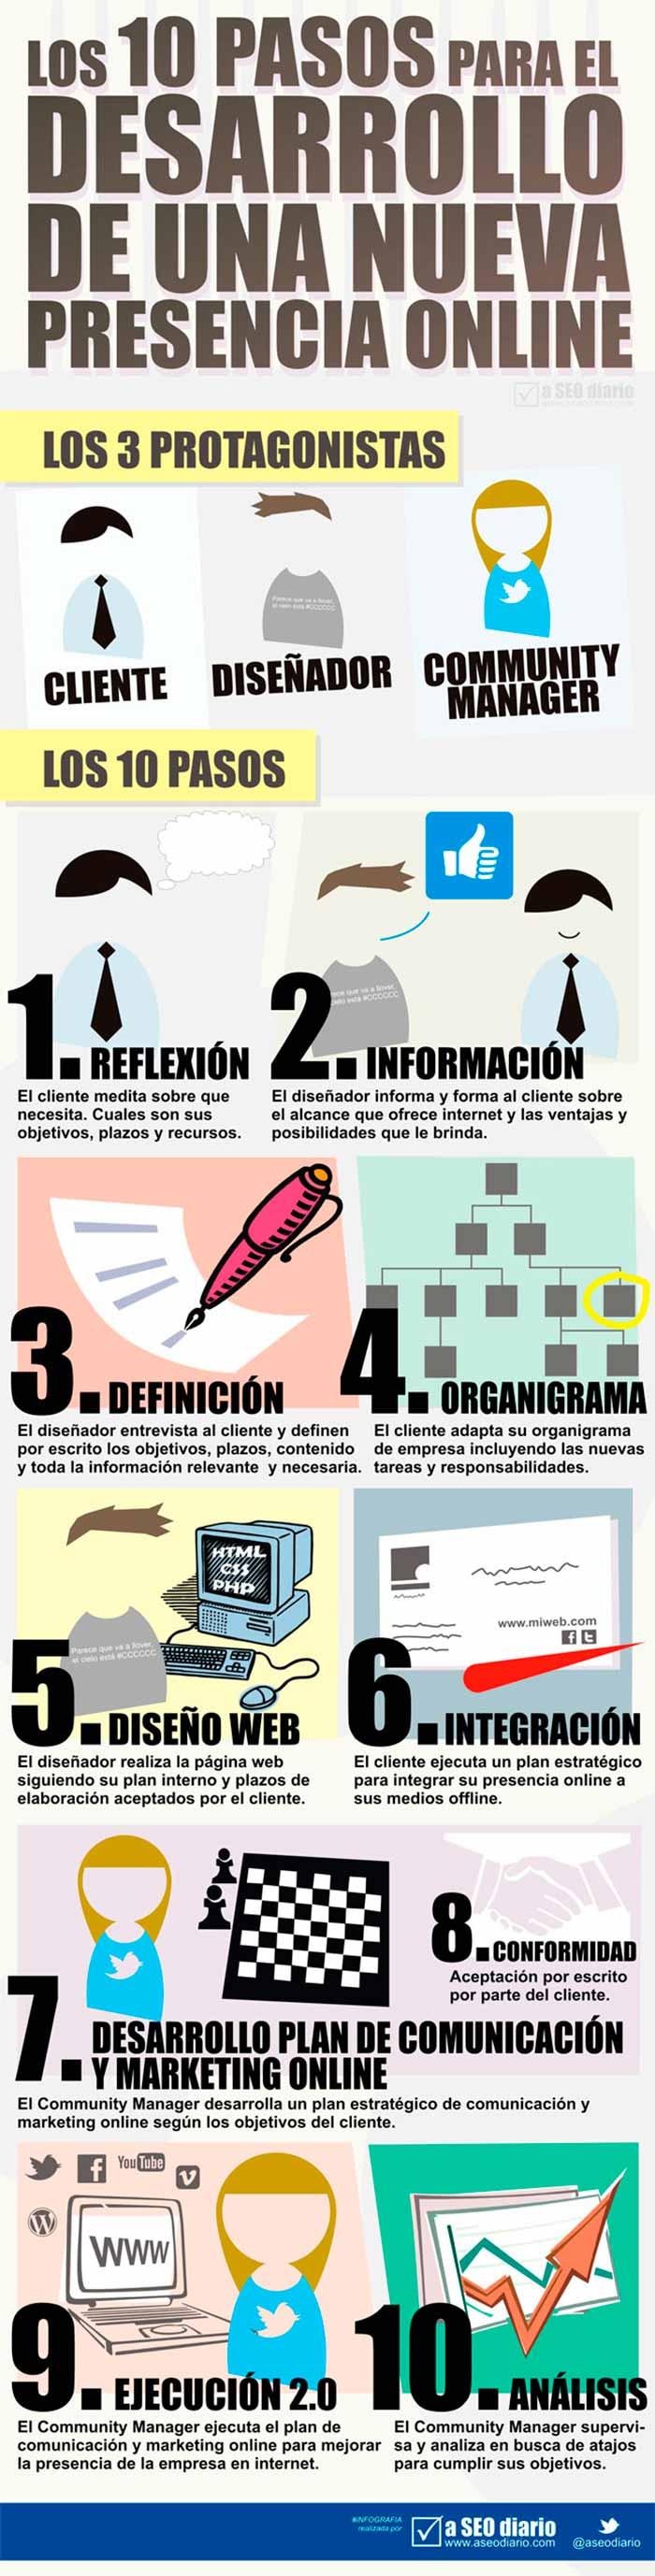 Infografia de los 10 pasos para el desarrollo de tu presencia online